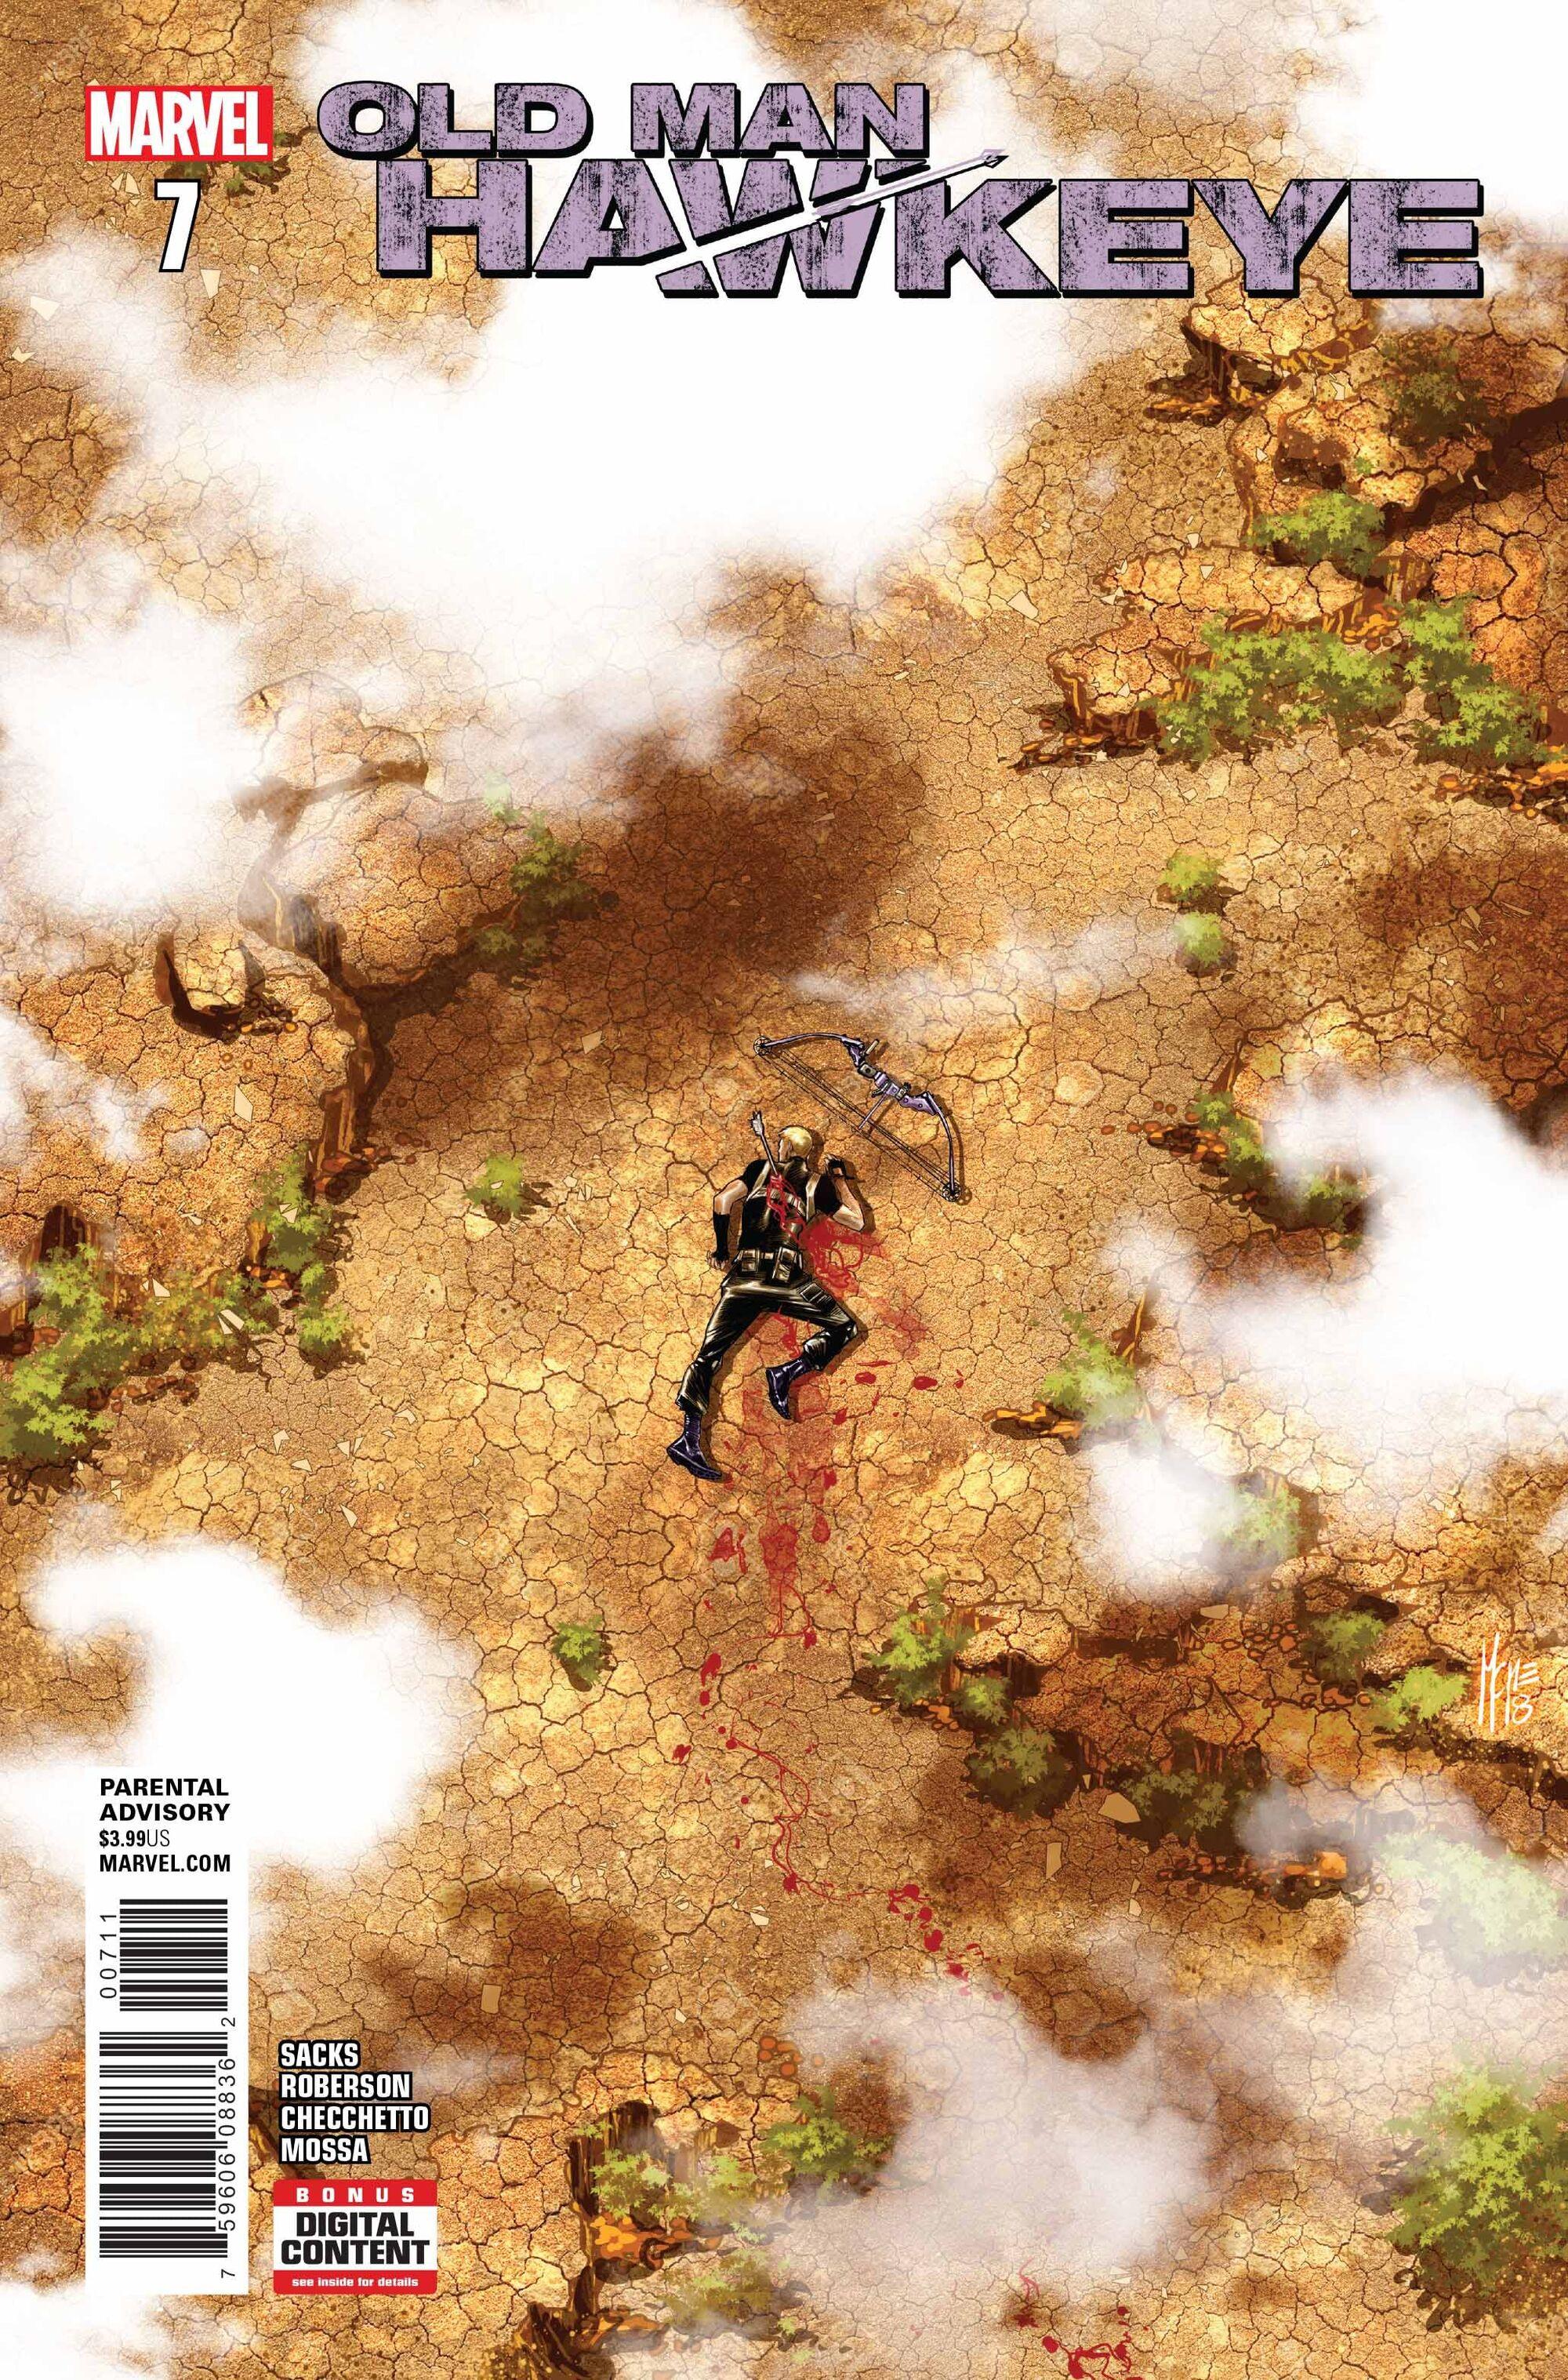 Old Man Hawkeye Vol 1 7 | Marvel Database | FANDOM powered